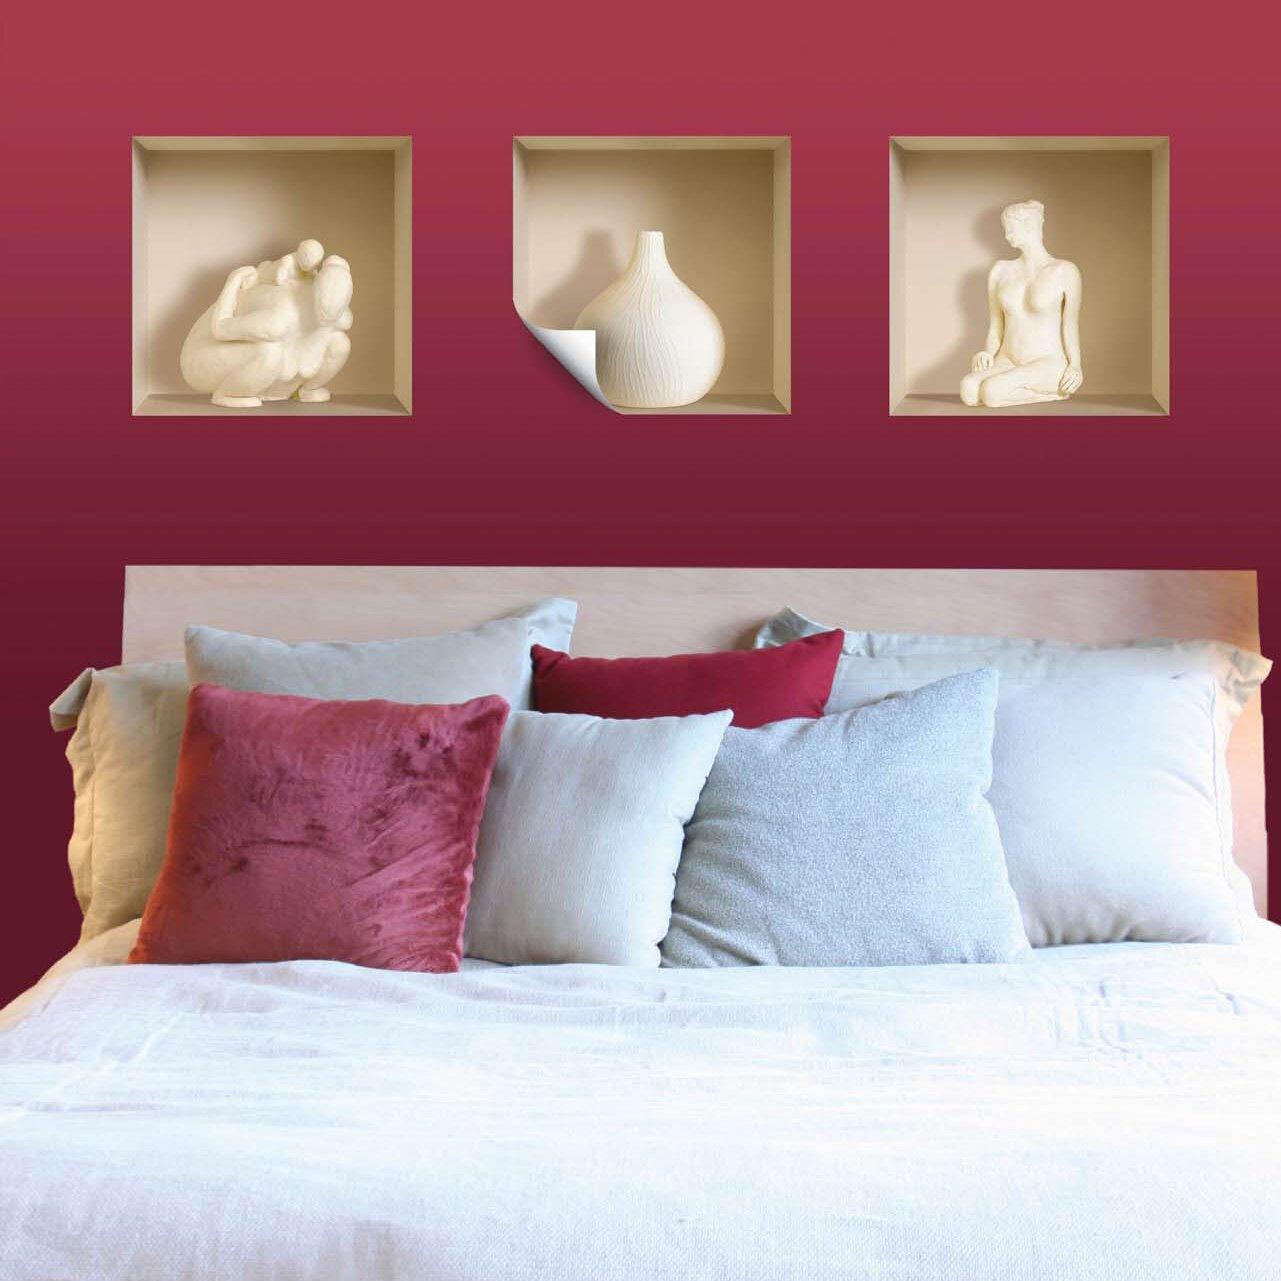 Nisha 3d effect ceramic figure wall mural reviews wayfair for Ceramic wall mural